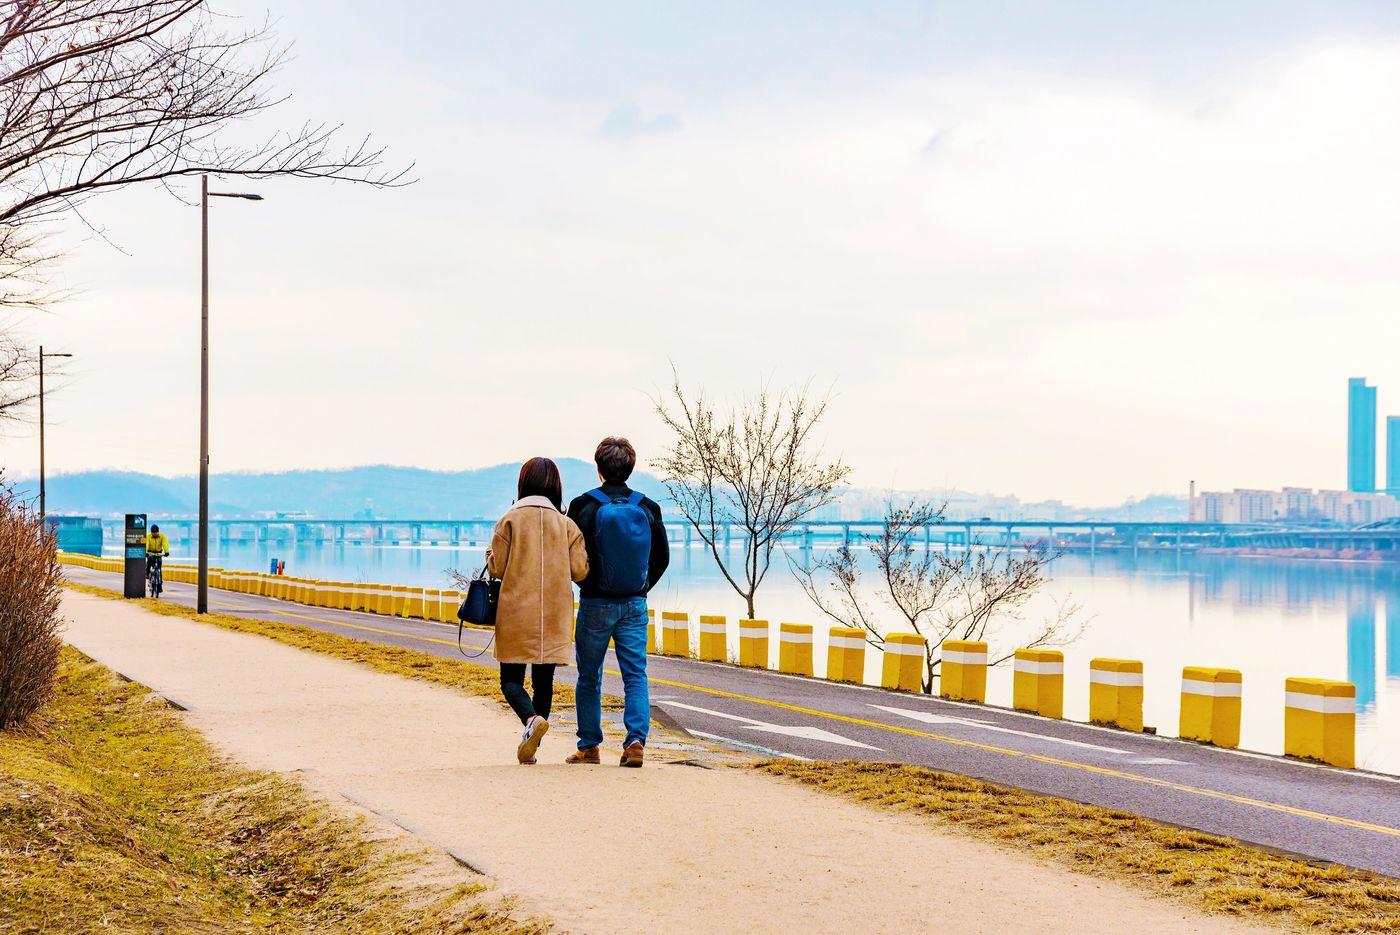 同じポーズはもう飽きた!韓国カップルに学ぶ可愛い写真の撮り方♡の1枚目の画像